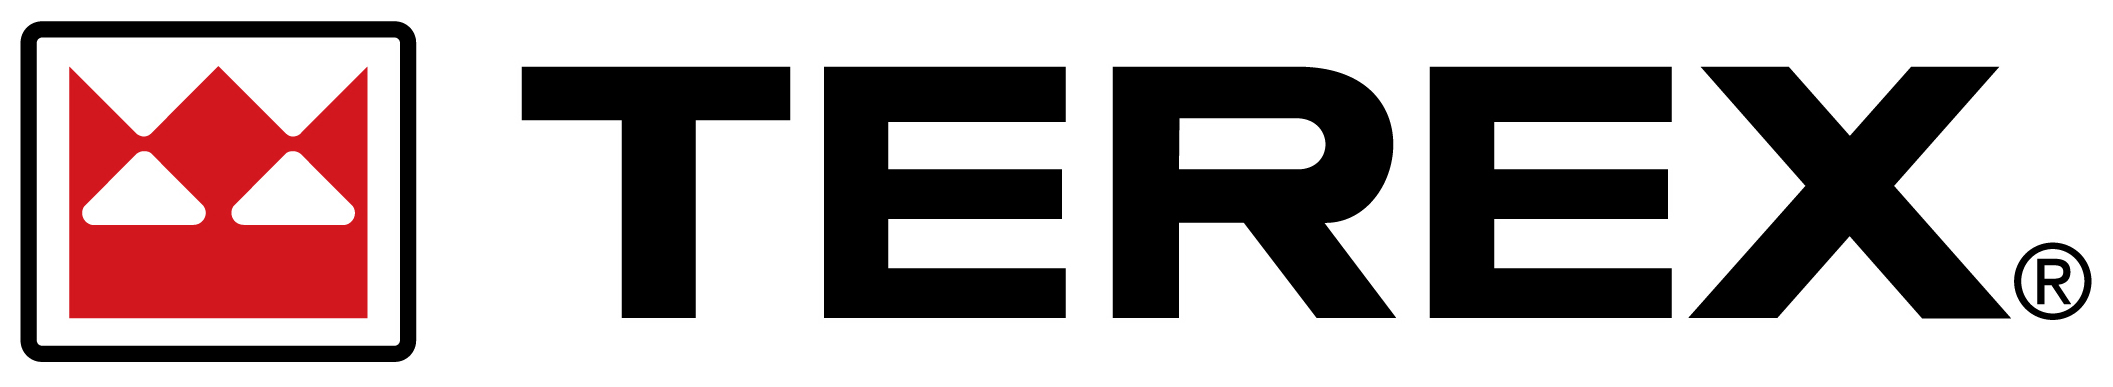 терекс лого